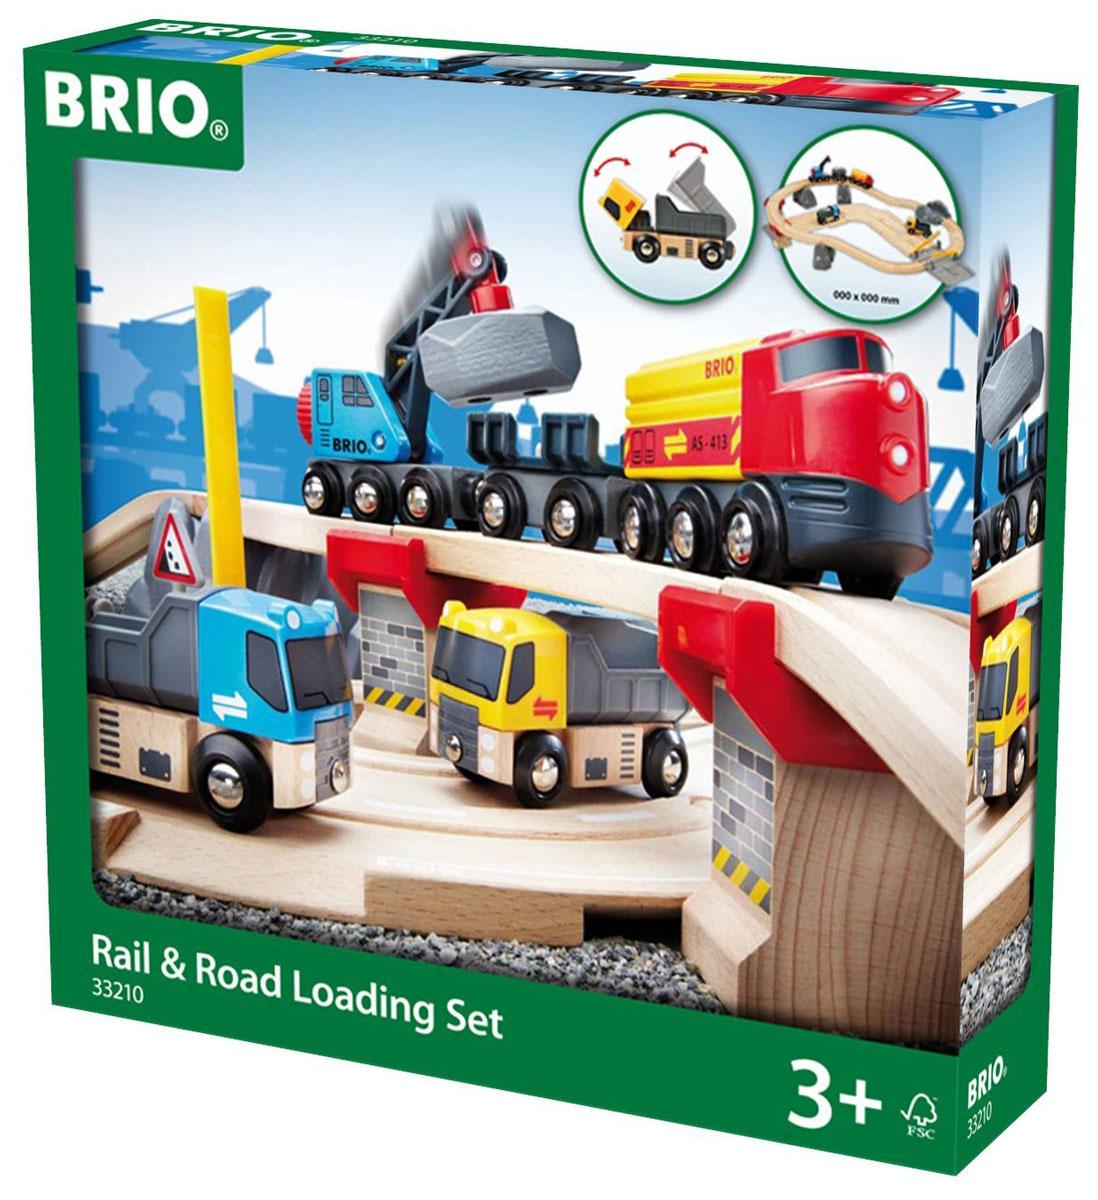 Brio Железная дорога с автодорогой и переездом